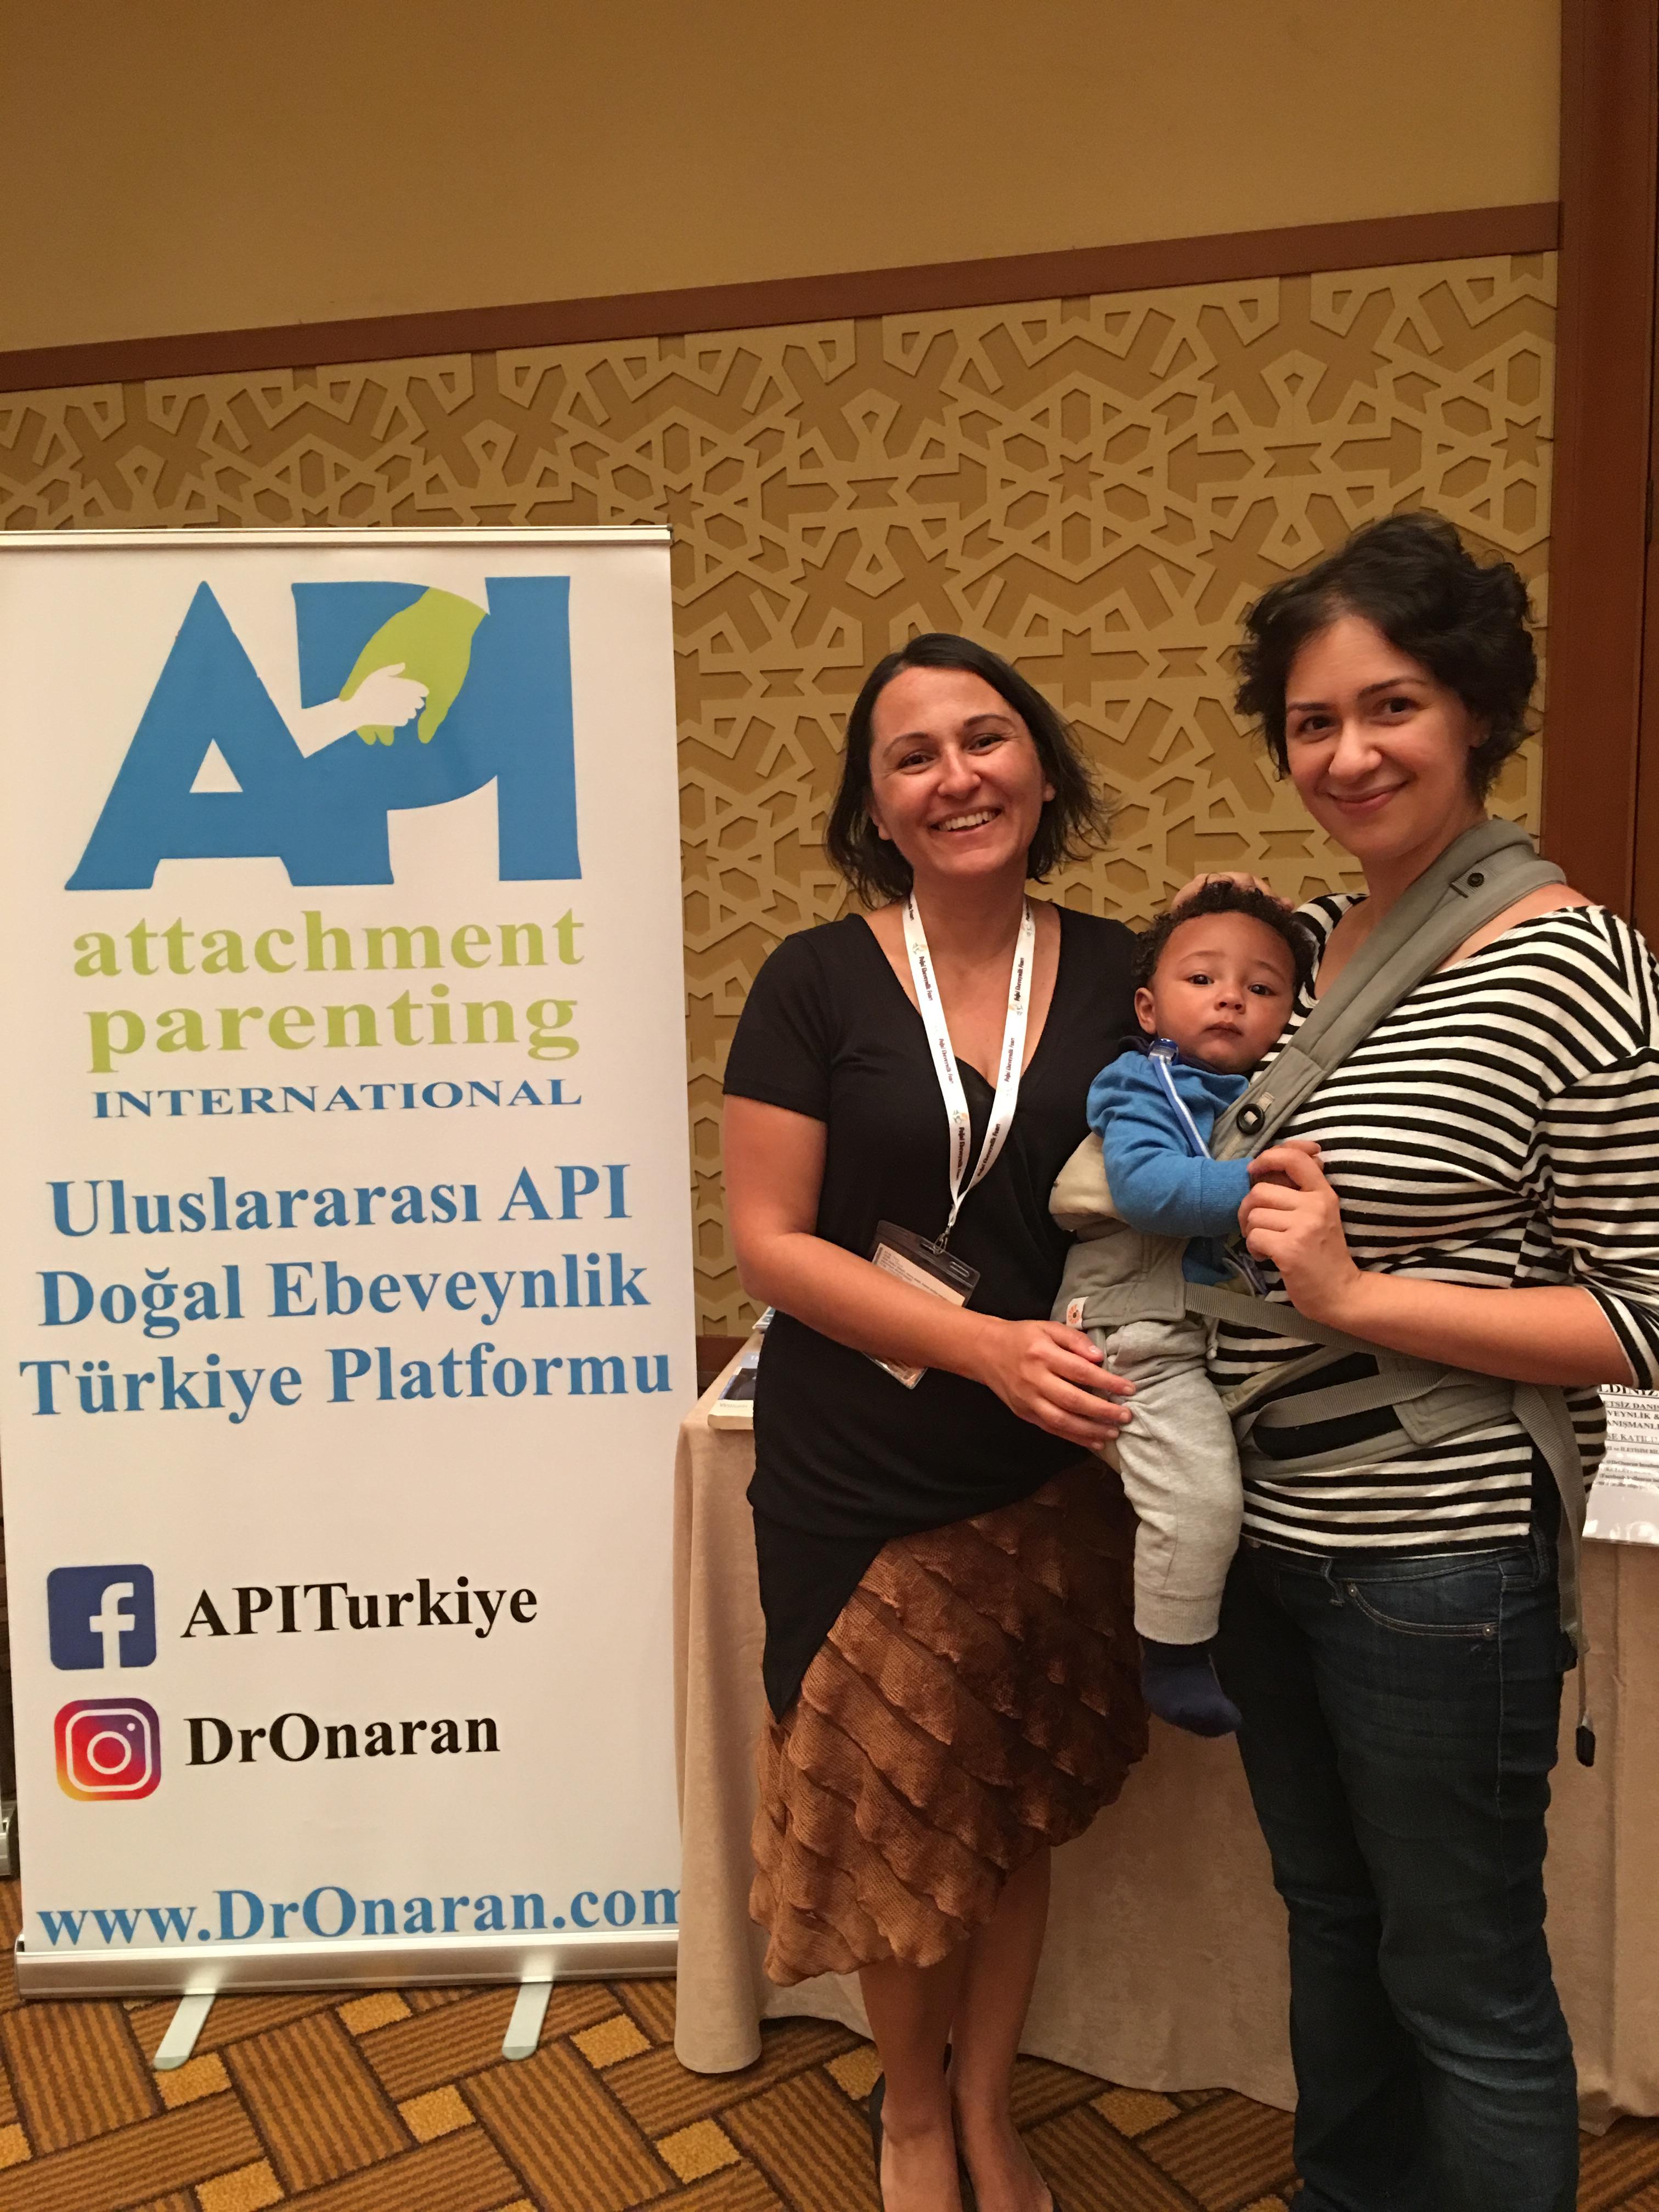 Doğal Ebeveynlik alanında duayen değerli Ayşe Öner ve Babywearing-destekçisi sevgili Ceyda Düvenci de API Türkiye'yi ziyaret ettiler, Doğal Ebeveynlik Fuarı, 30 Eylül 2017